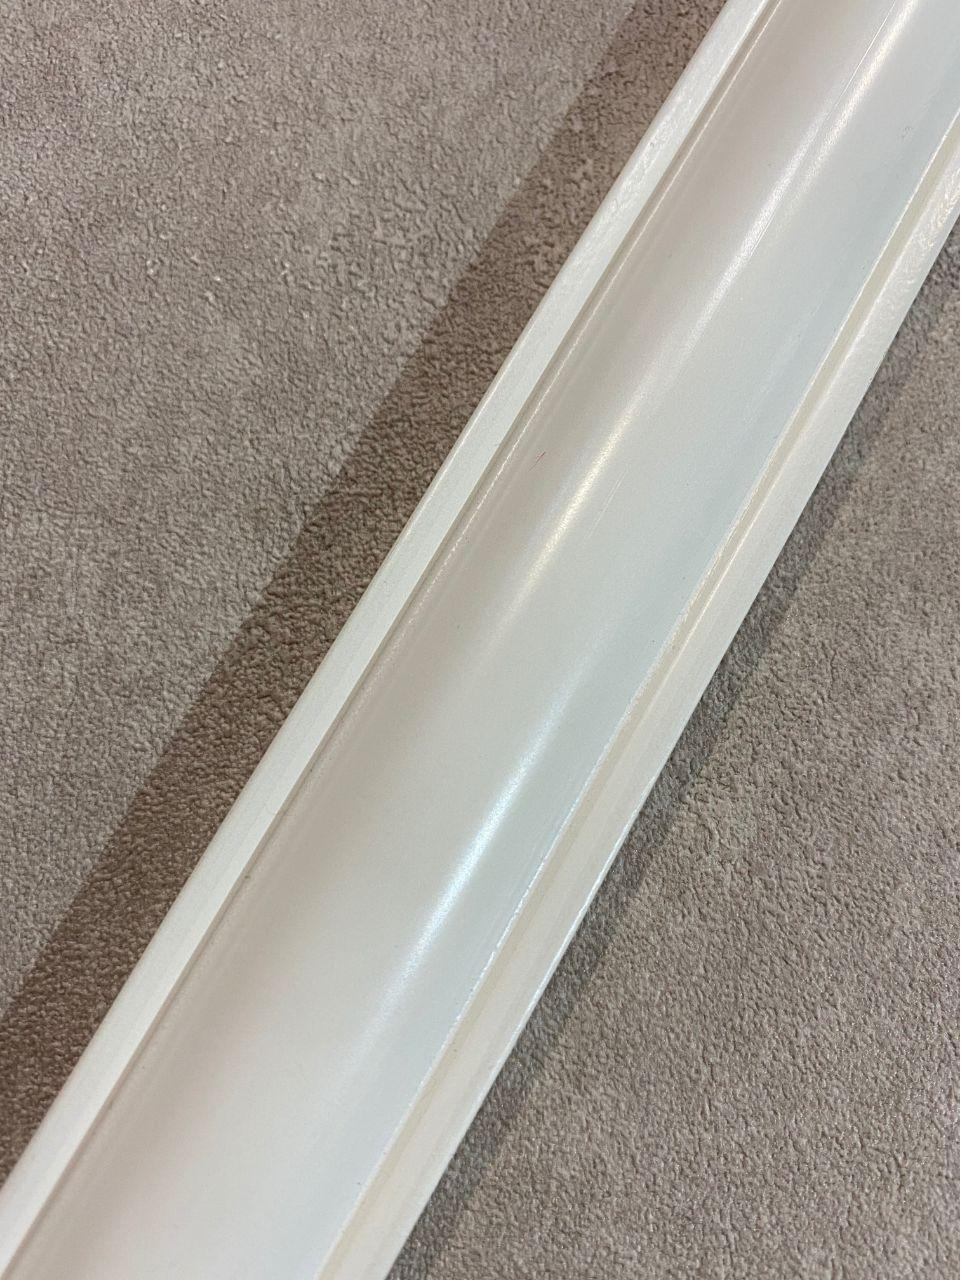 Полиуретановые молдинги Point S-01 White 30*12